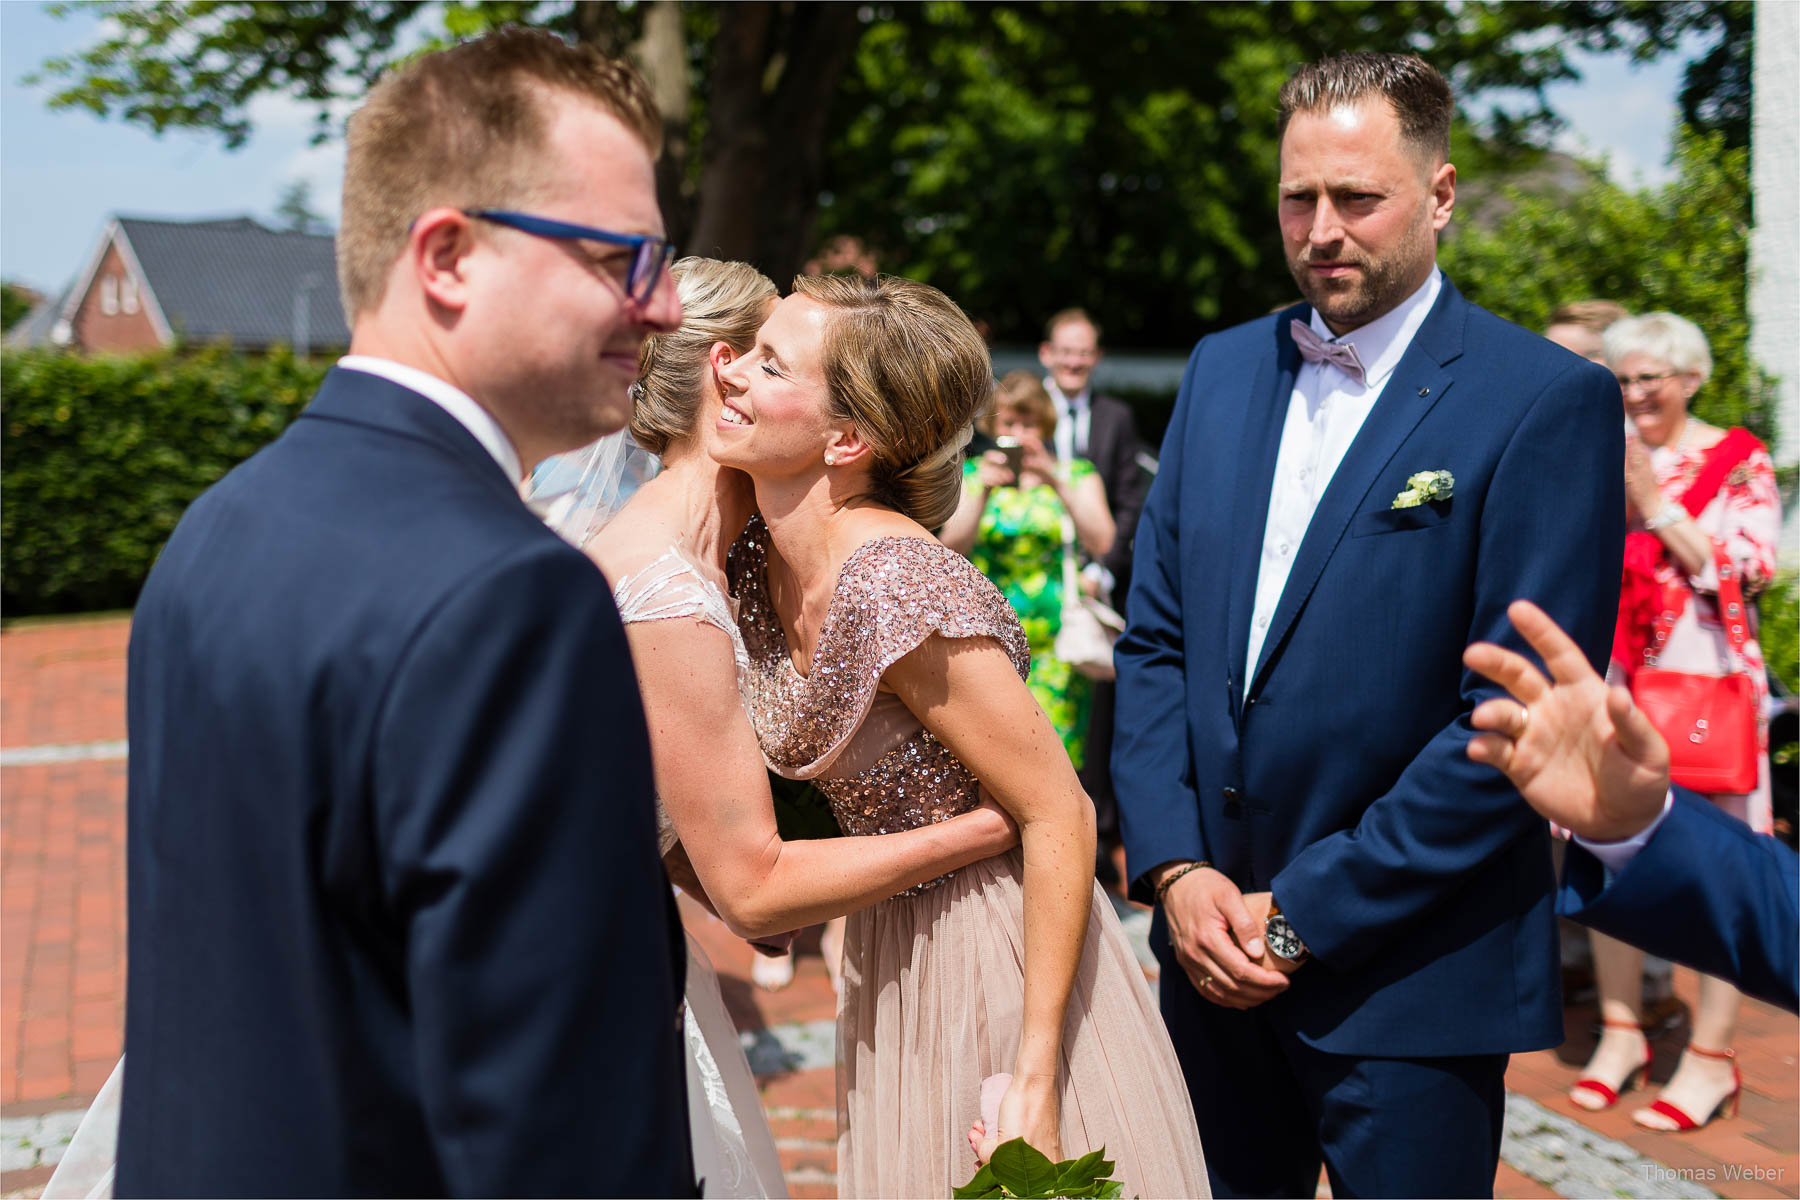 Die Gratulation der Hochzeitsgäste, Kirchliche Hochzeit in Rastede und Hochzeitsfeier in der Scheune St. Georg Rastede, Hochzeitsfotograf Thomas Weber aus Oldenburg